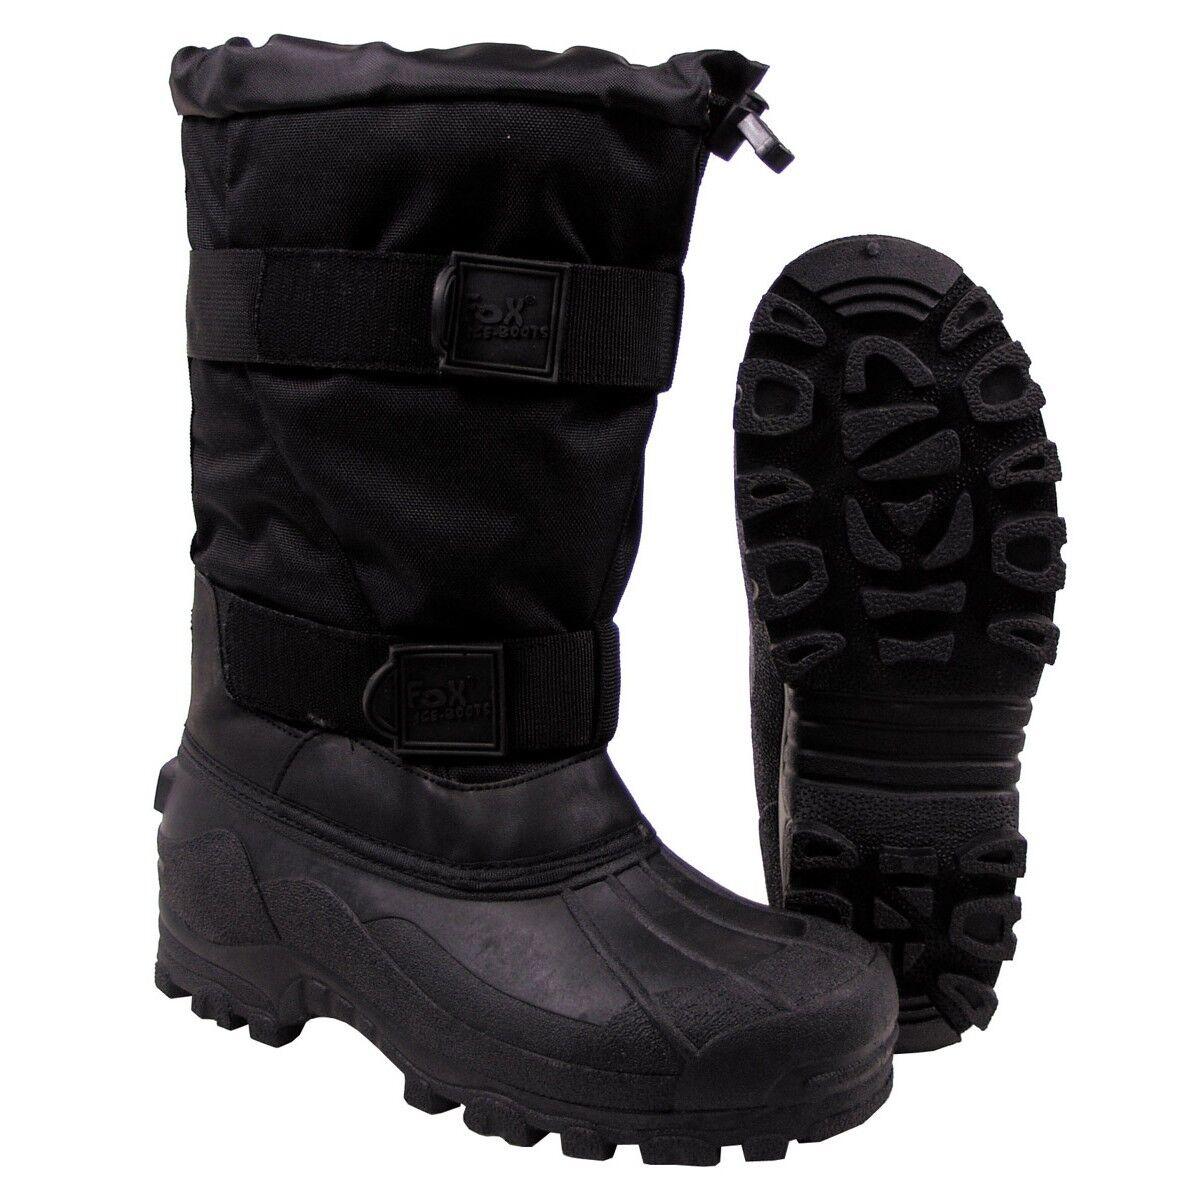 Fox Kälteschutzstiefel bis -40 Winter C Ice-Stiefel Angeln Outdoor Winter -40 Thermostiefel ec149b